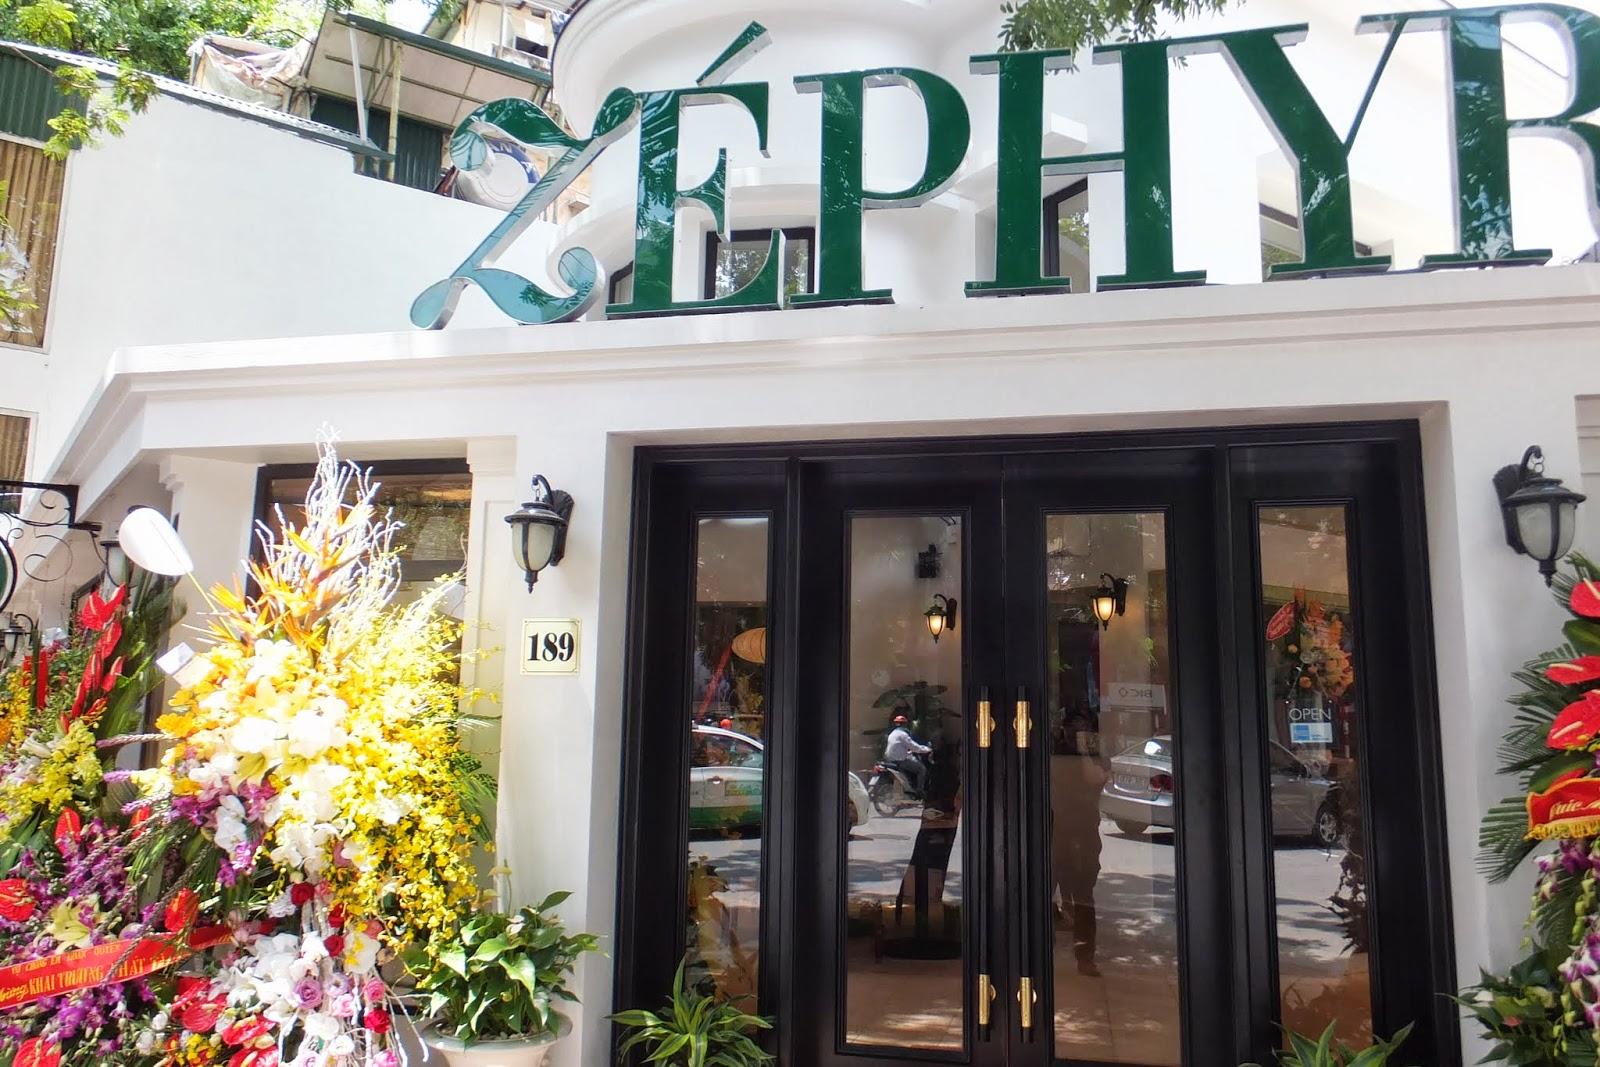 zephyr-cafe